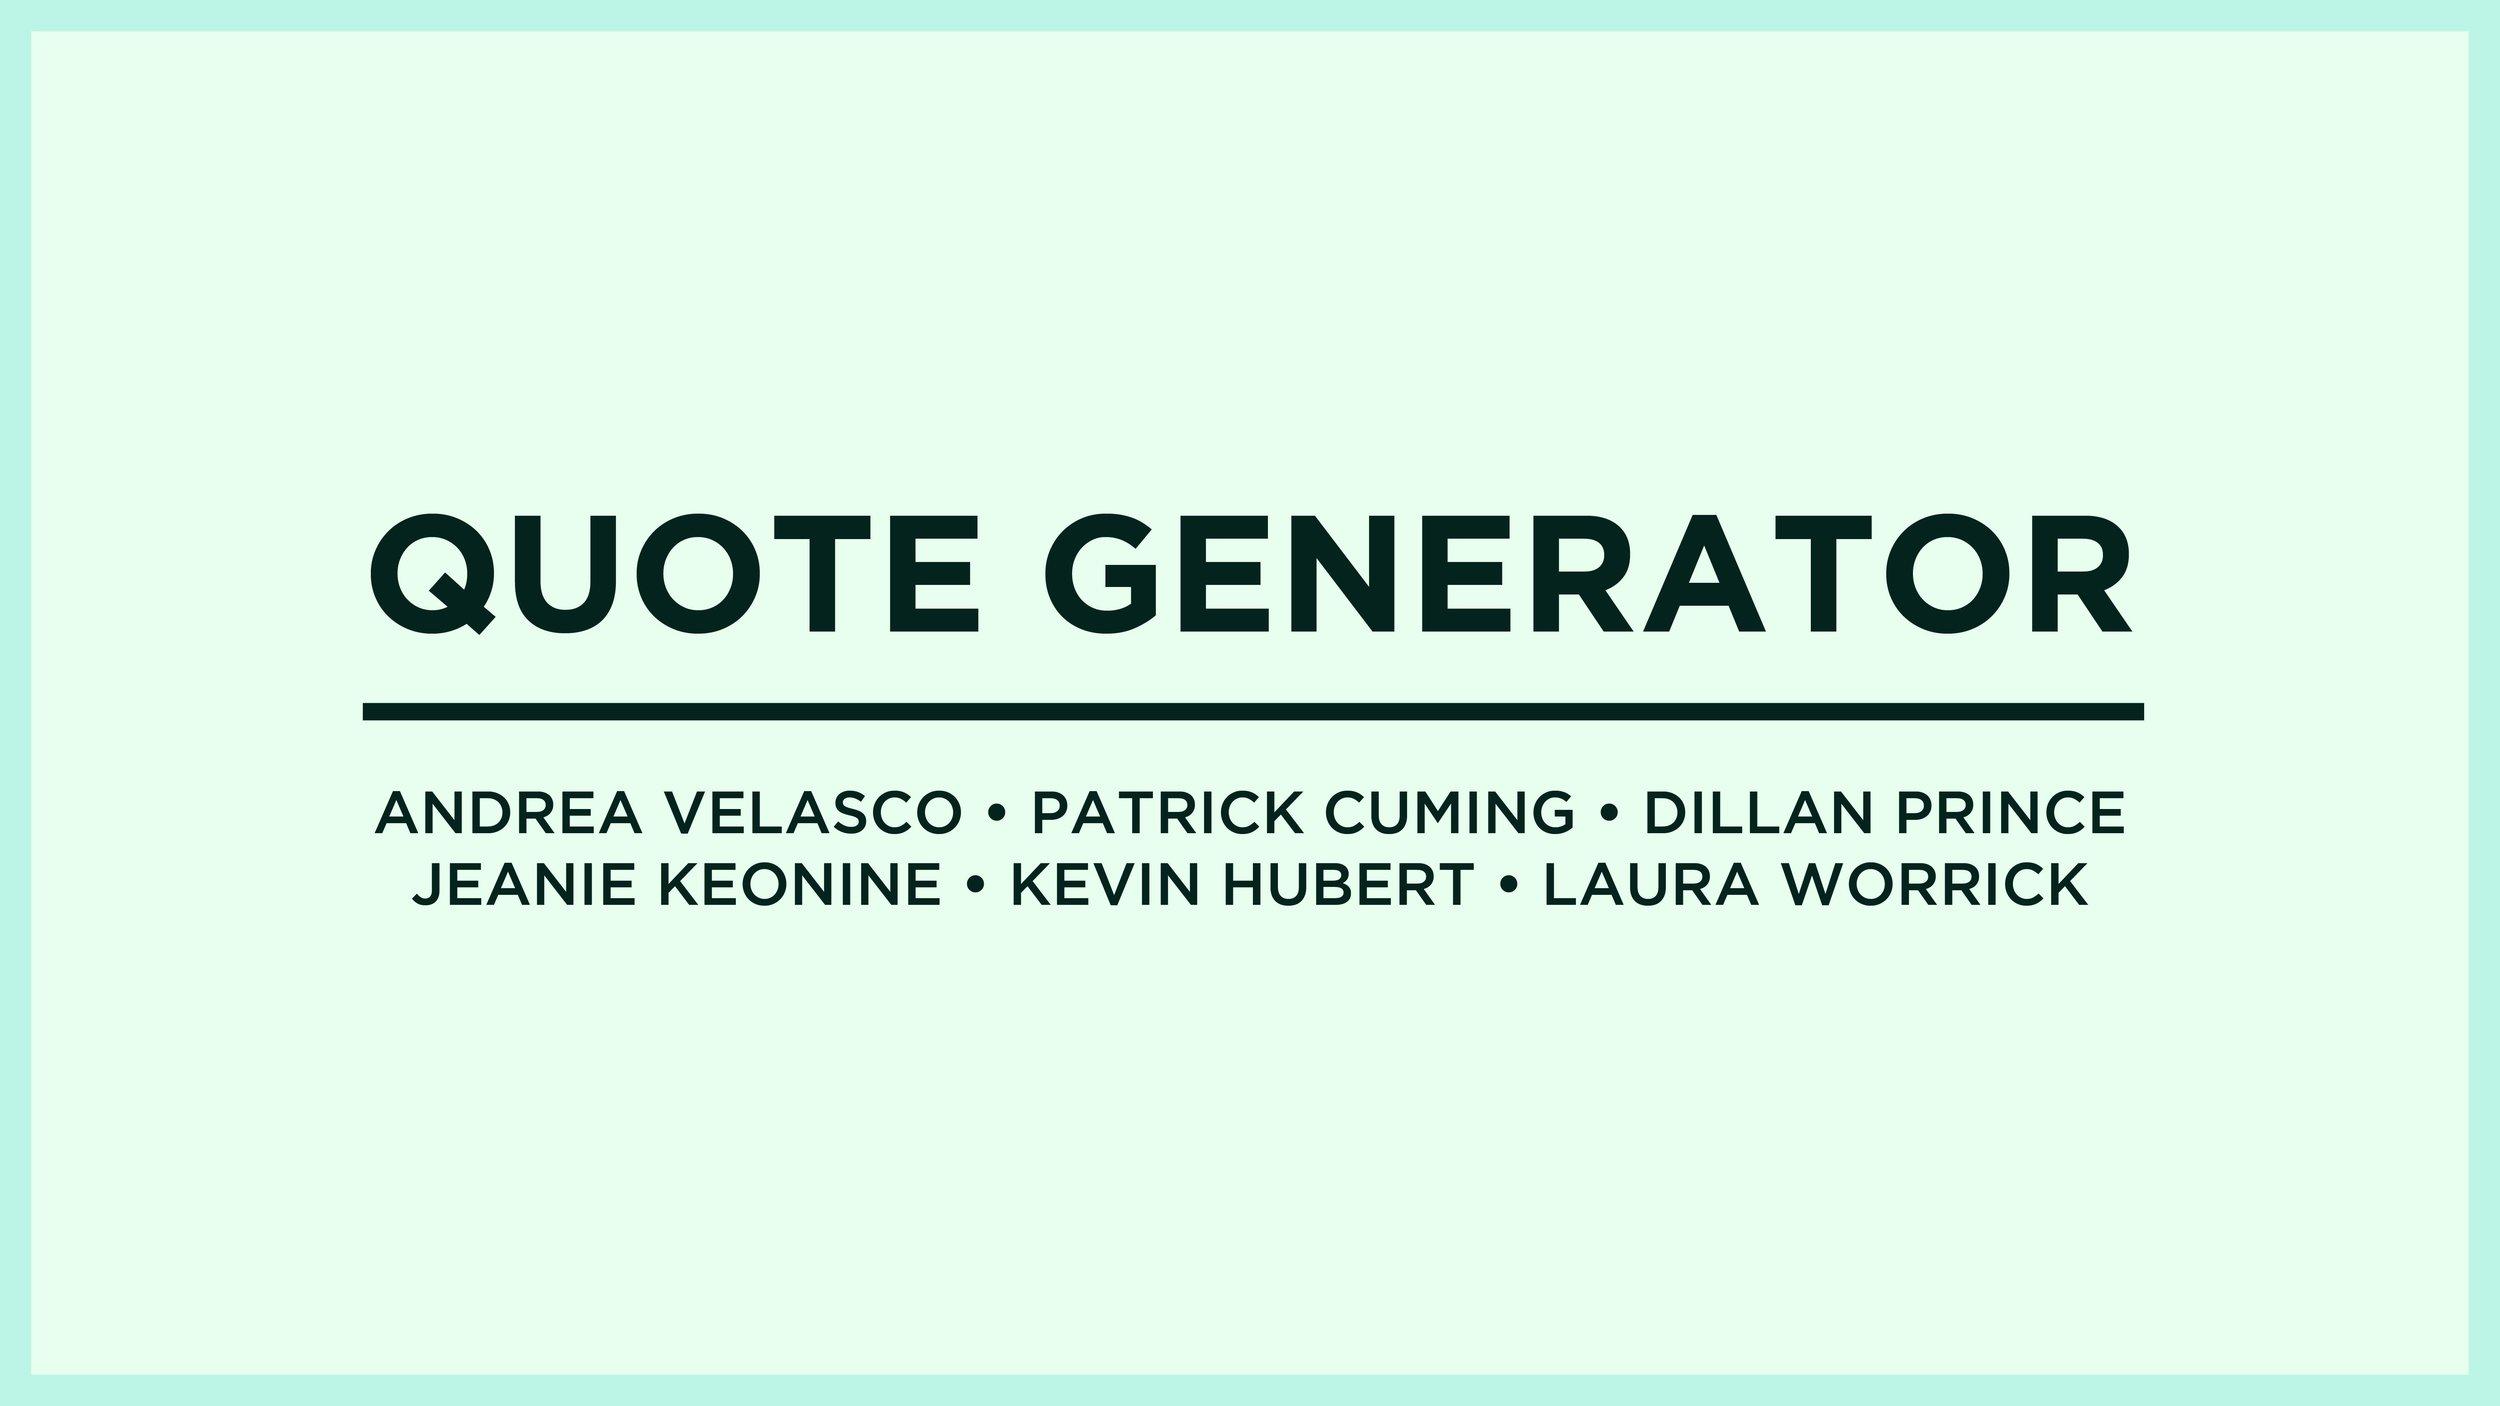 Quote Generator — Laura Worrick